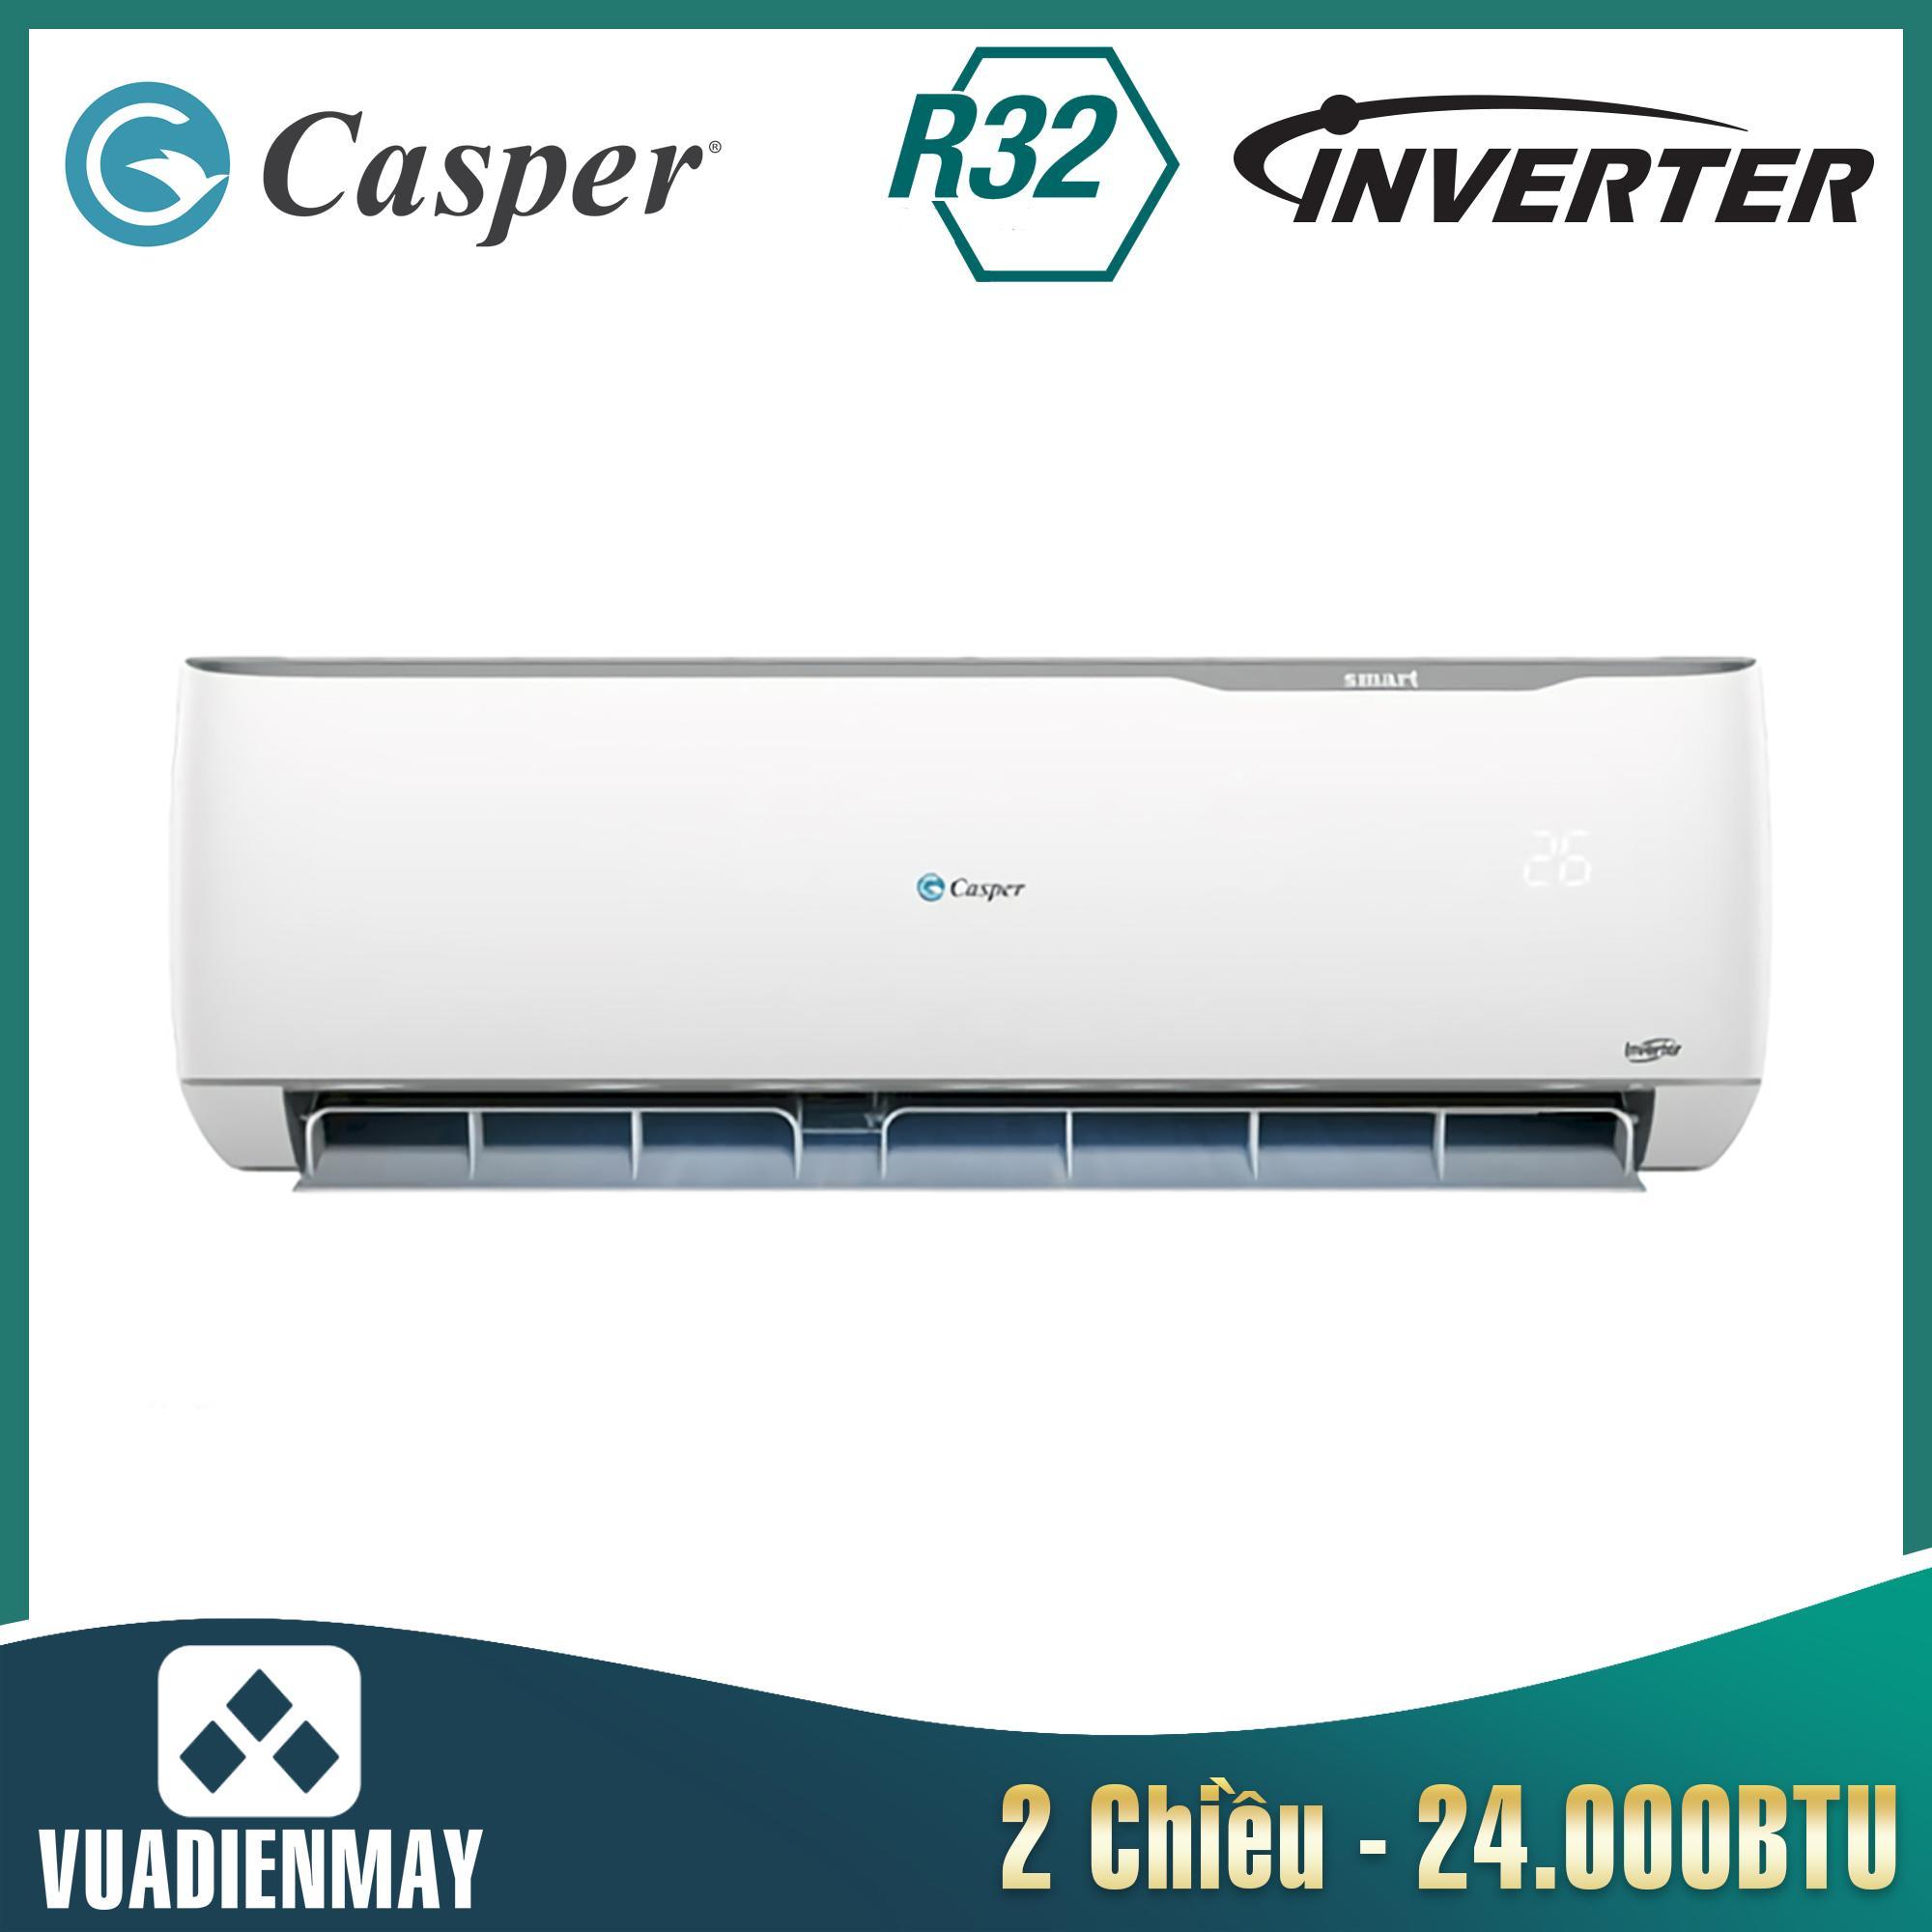 GH24TL32, điều hòa casper 24000btu 2 chiều inverter